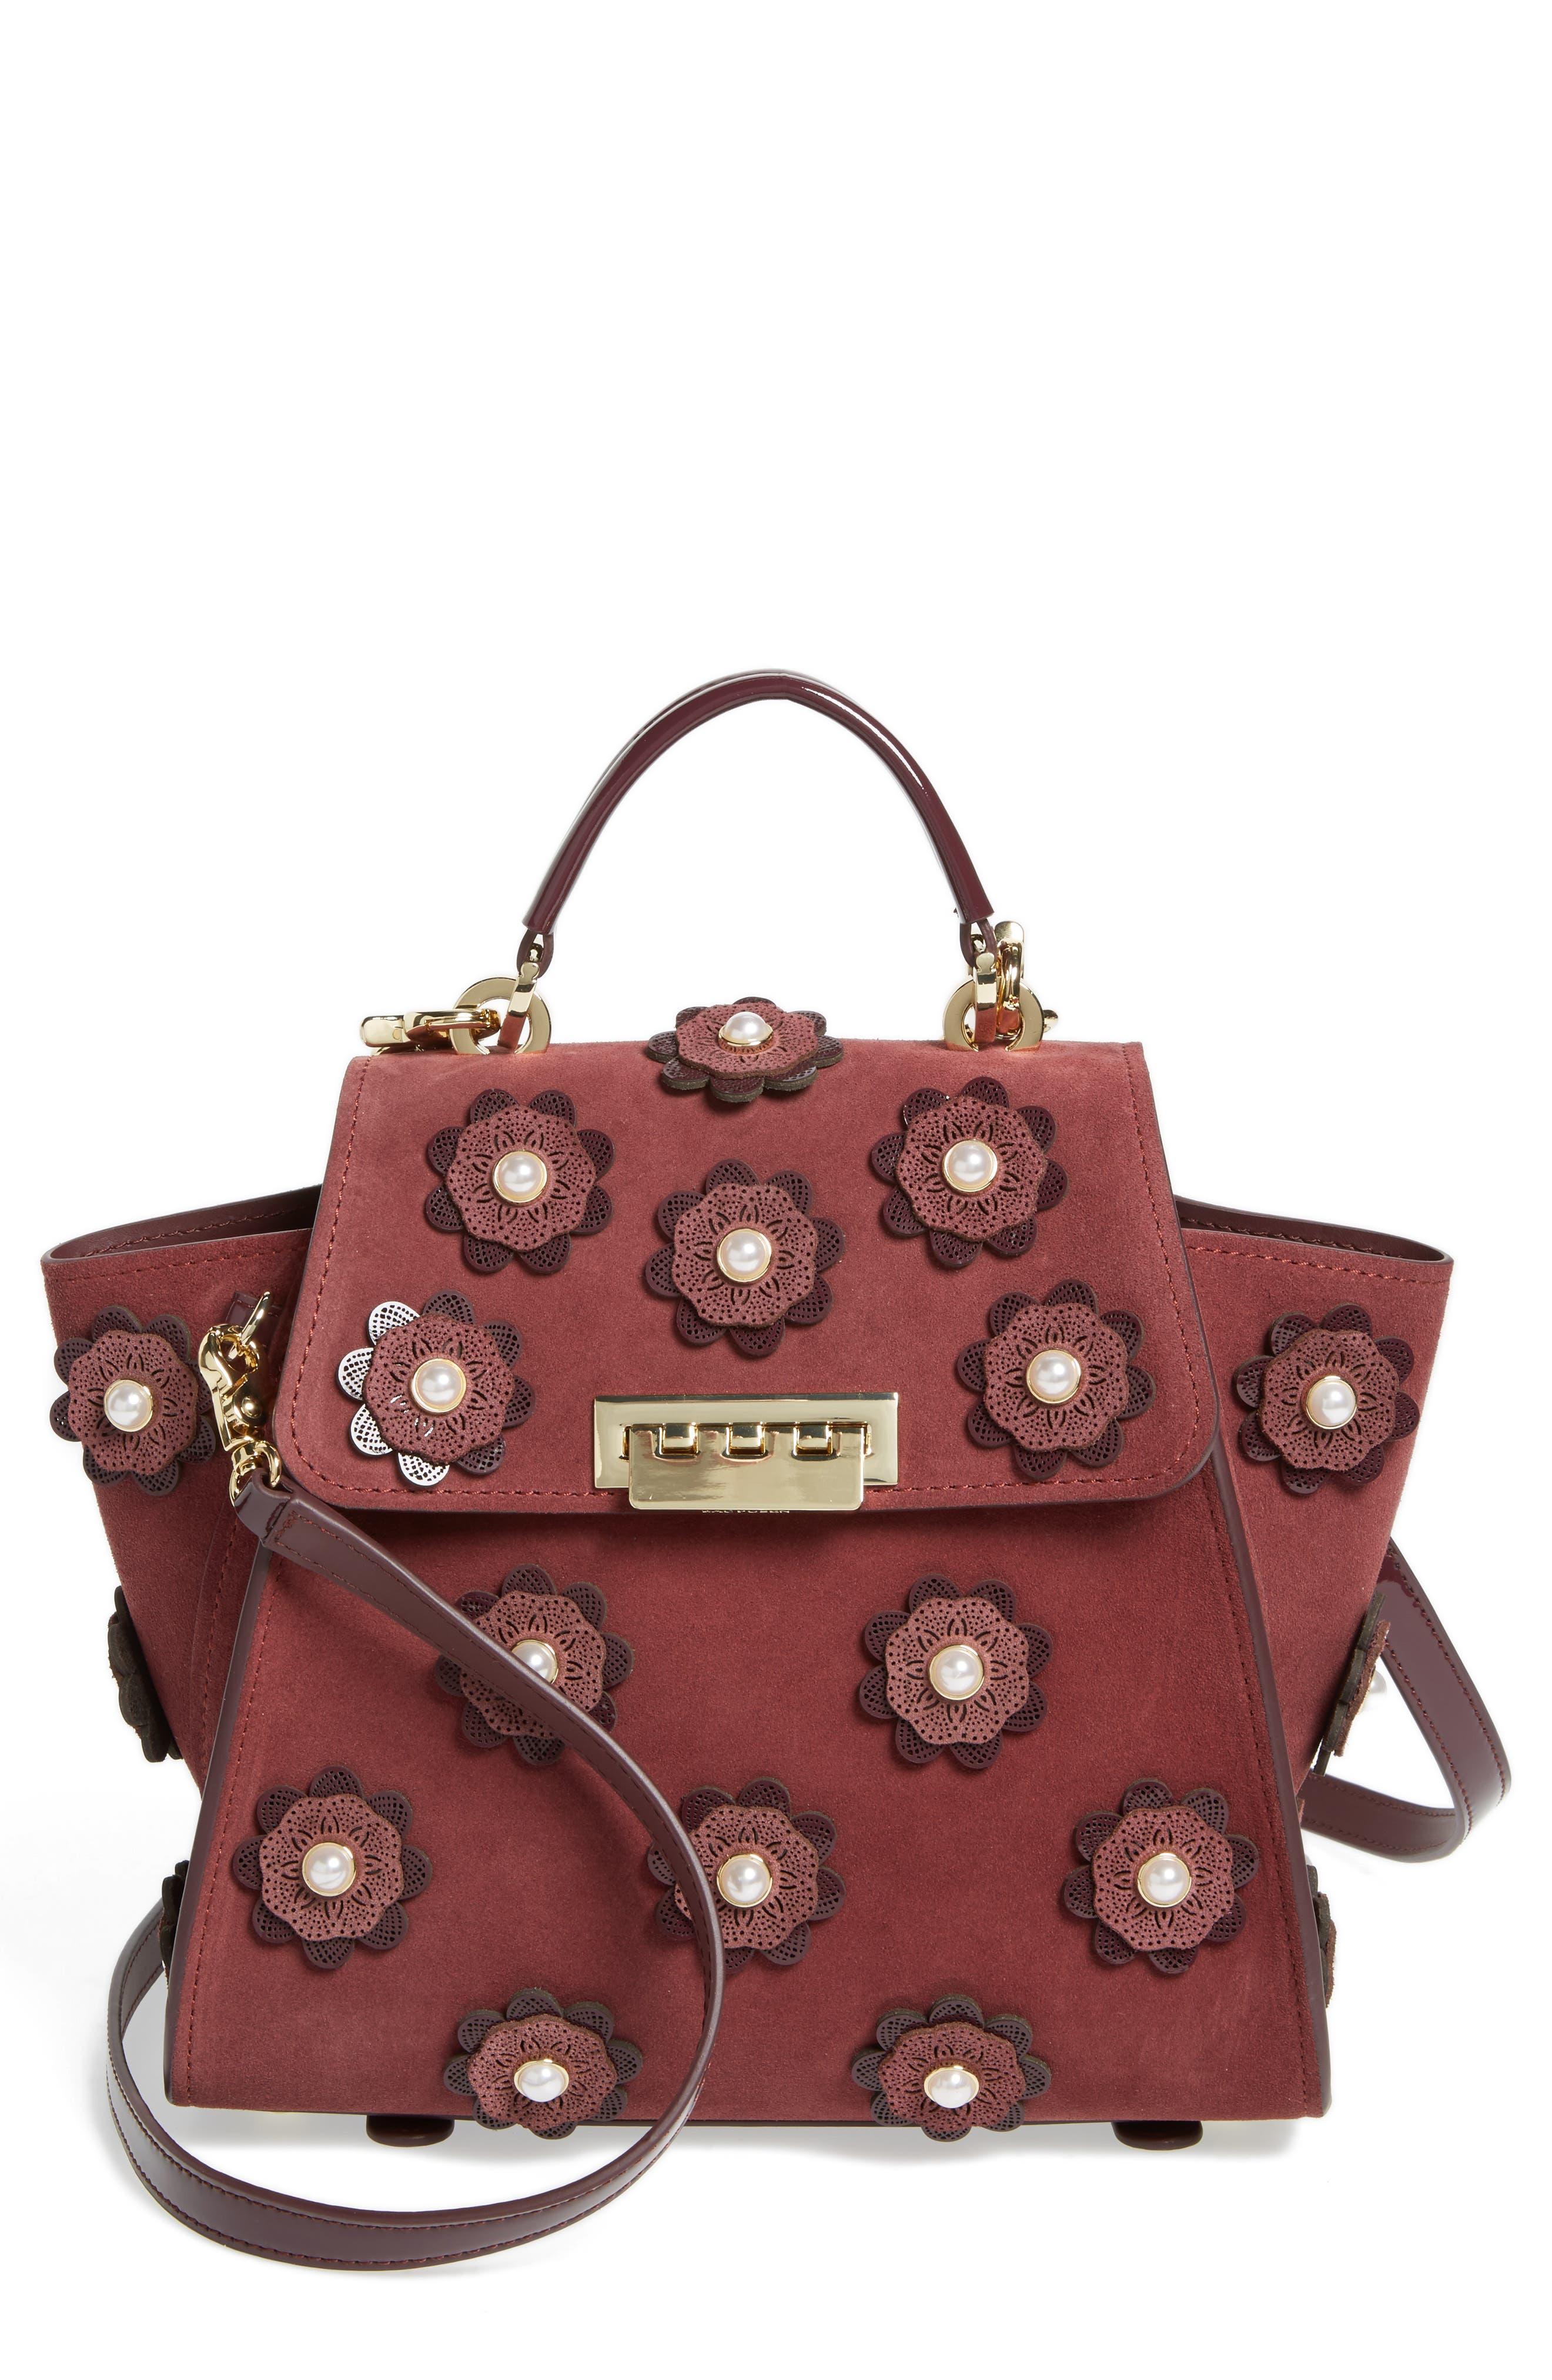 ZAC Zac Posen Eartha Iconic Convertible Leather Backpack